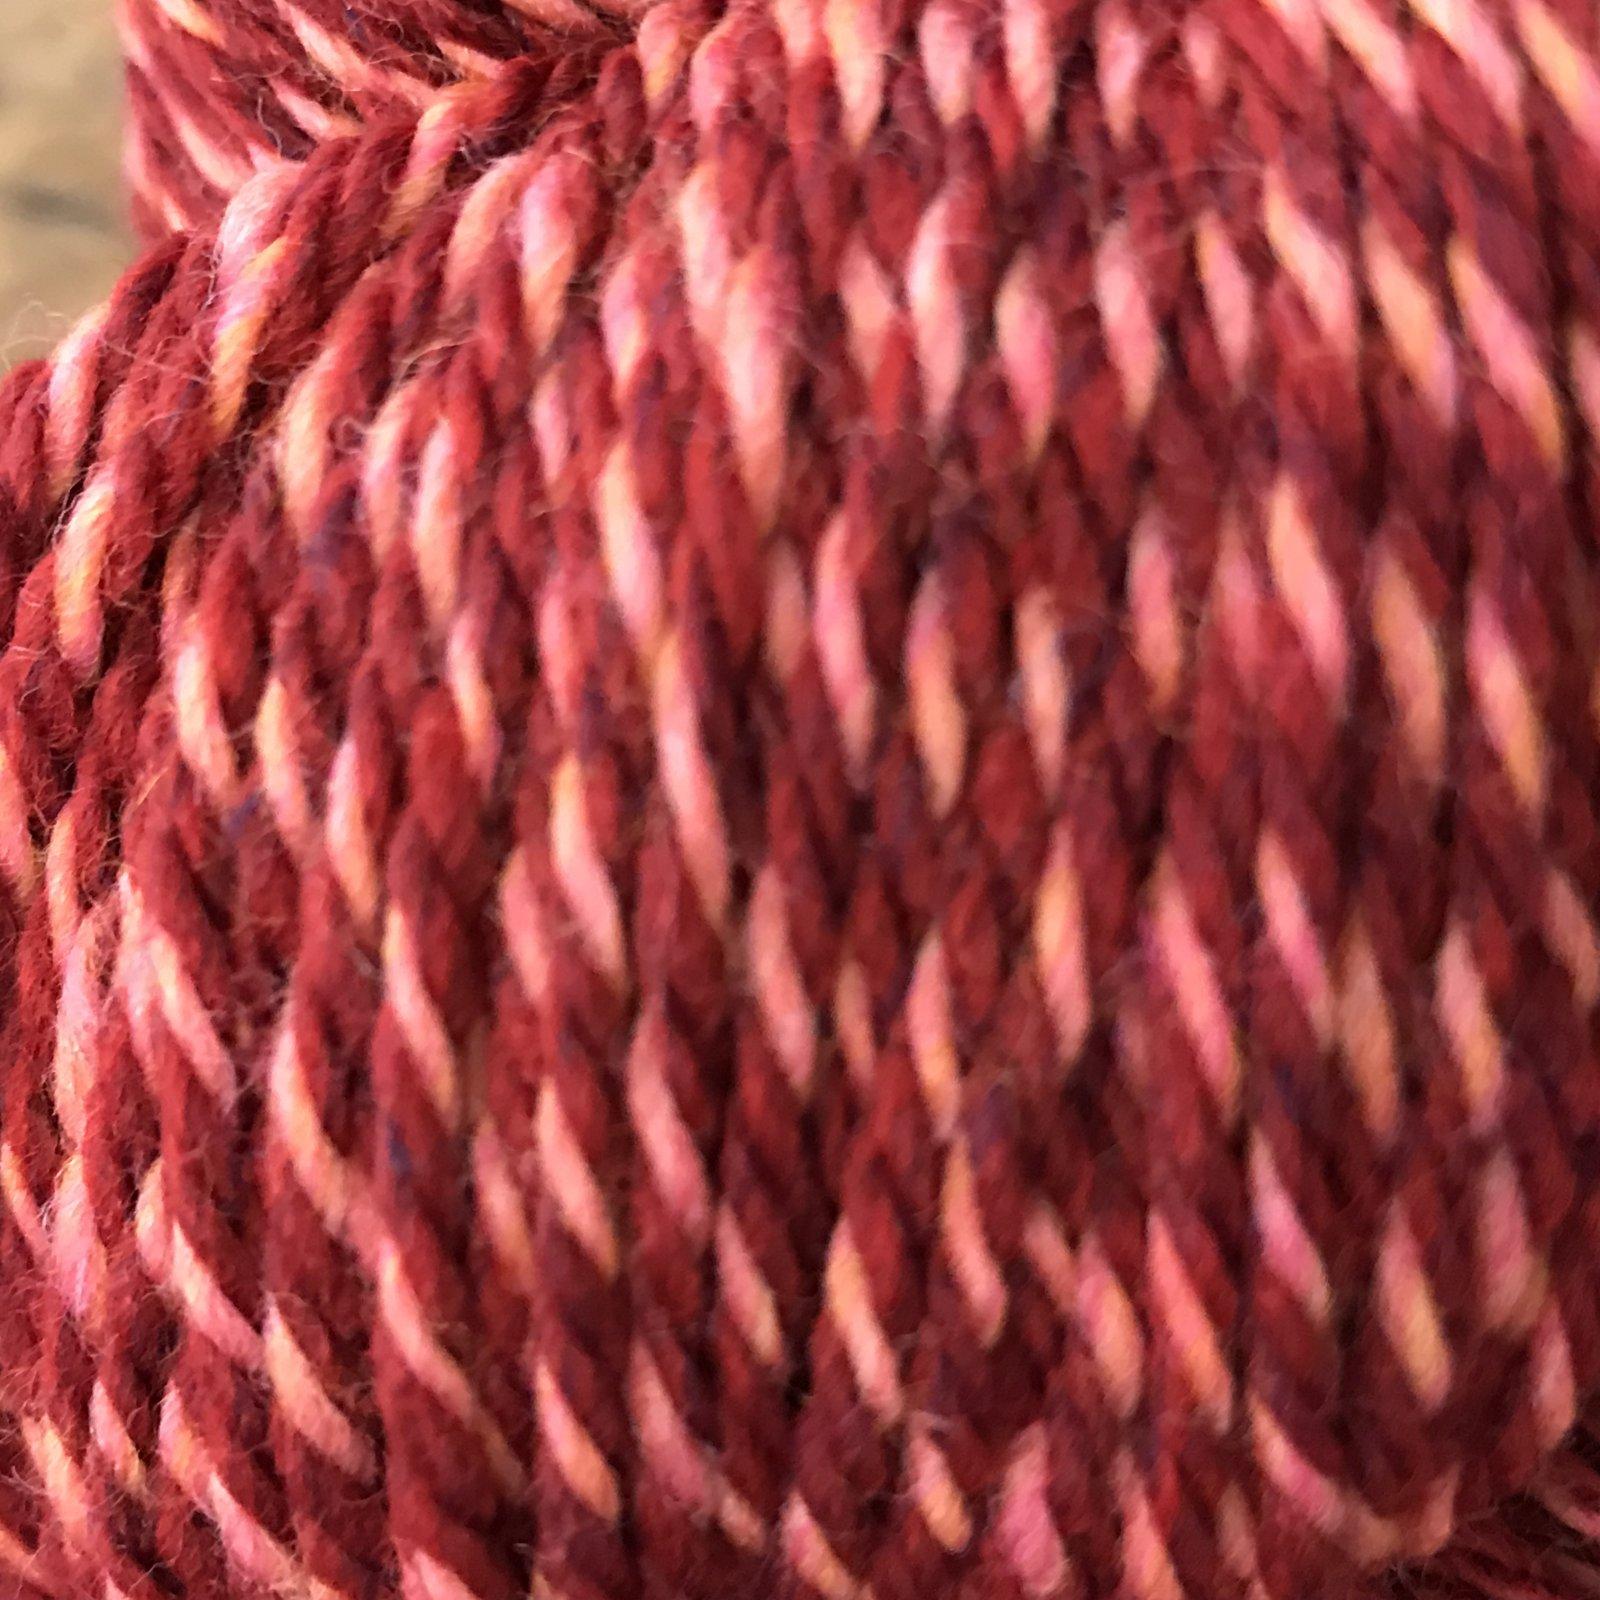 Shepherd's Wool Worsted - Cherries Jubilee